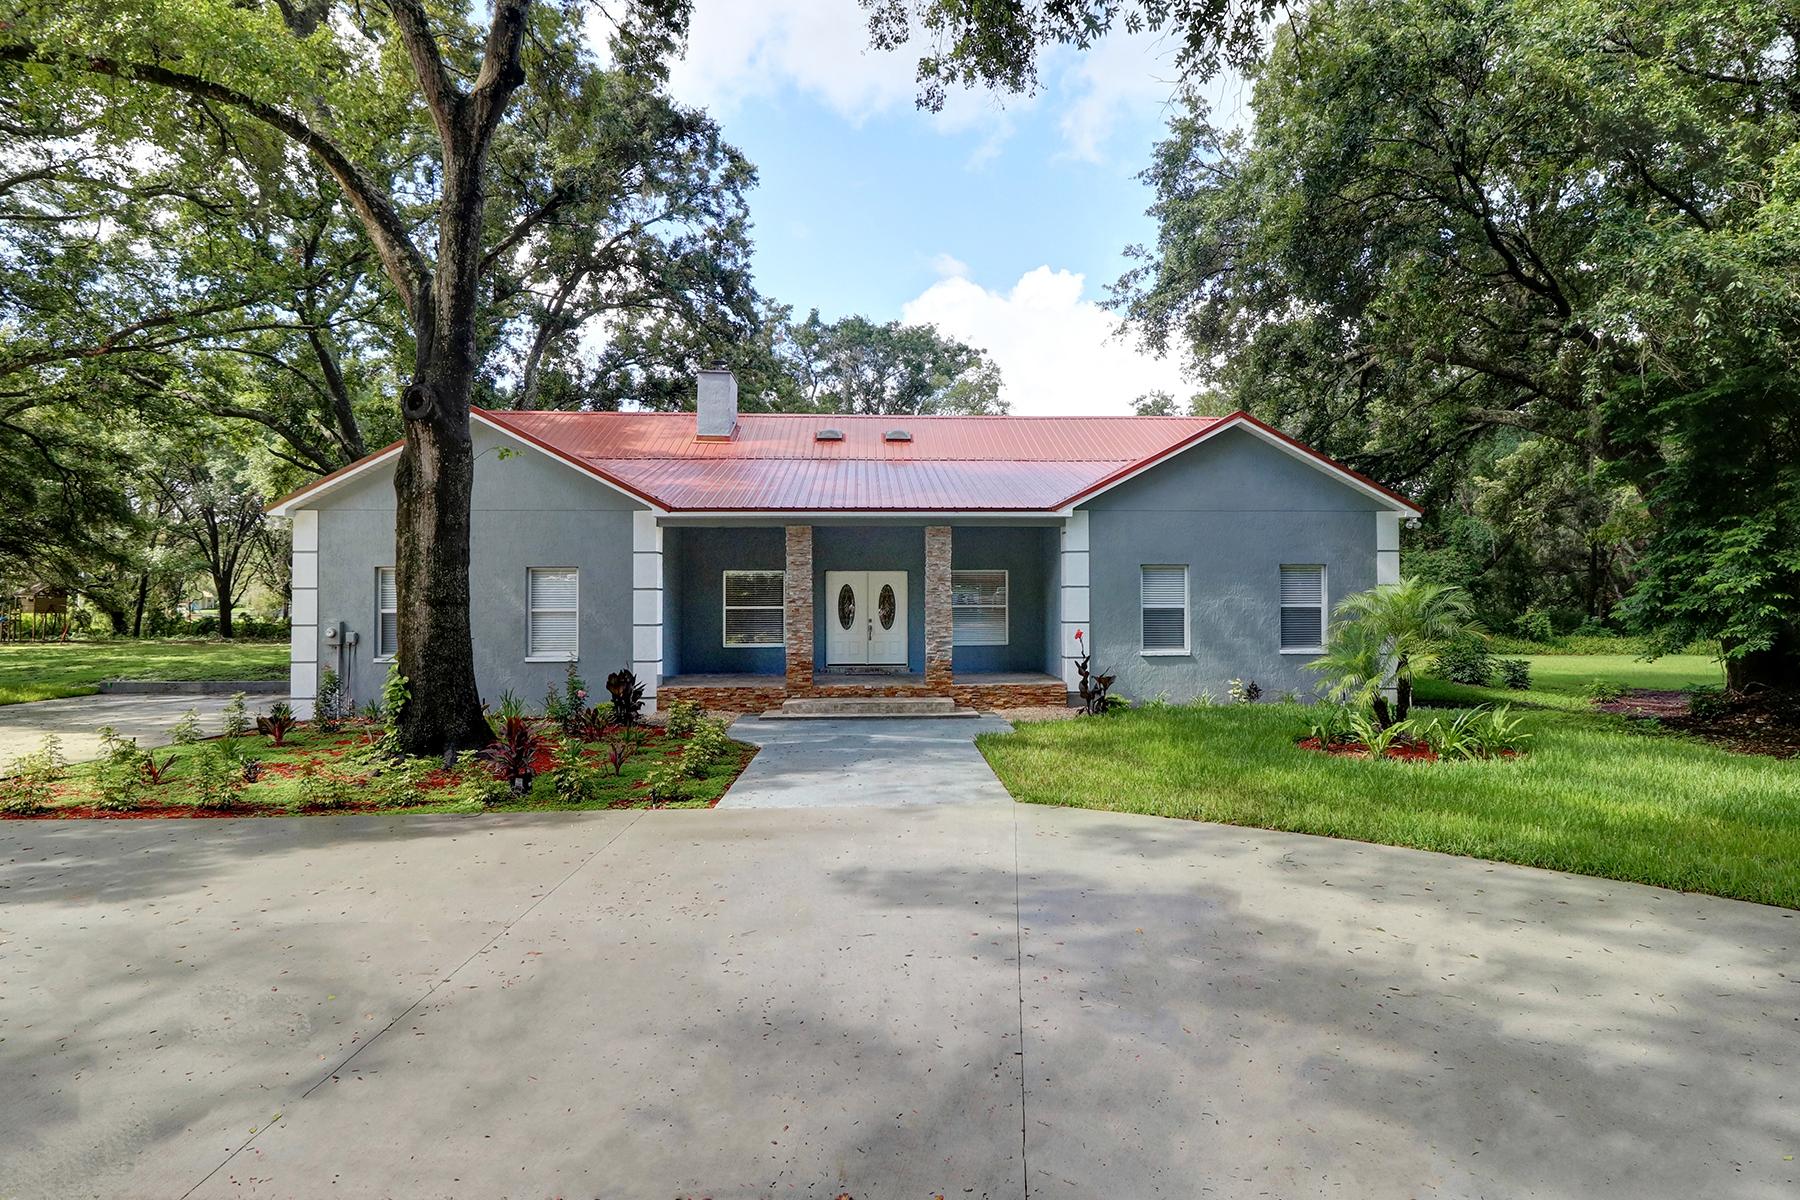 Maison unifamiliale pour l Vente à PLANT CITY 3005 Pemberton Trace Ct Plant City, Florida, 33565 États-Unis